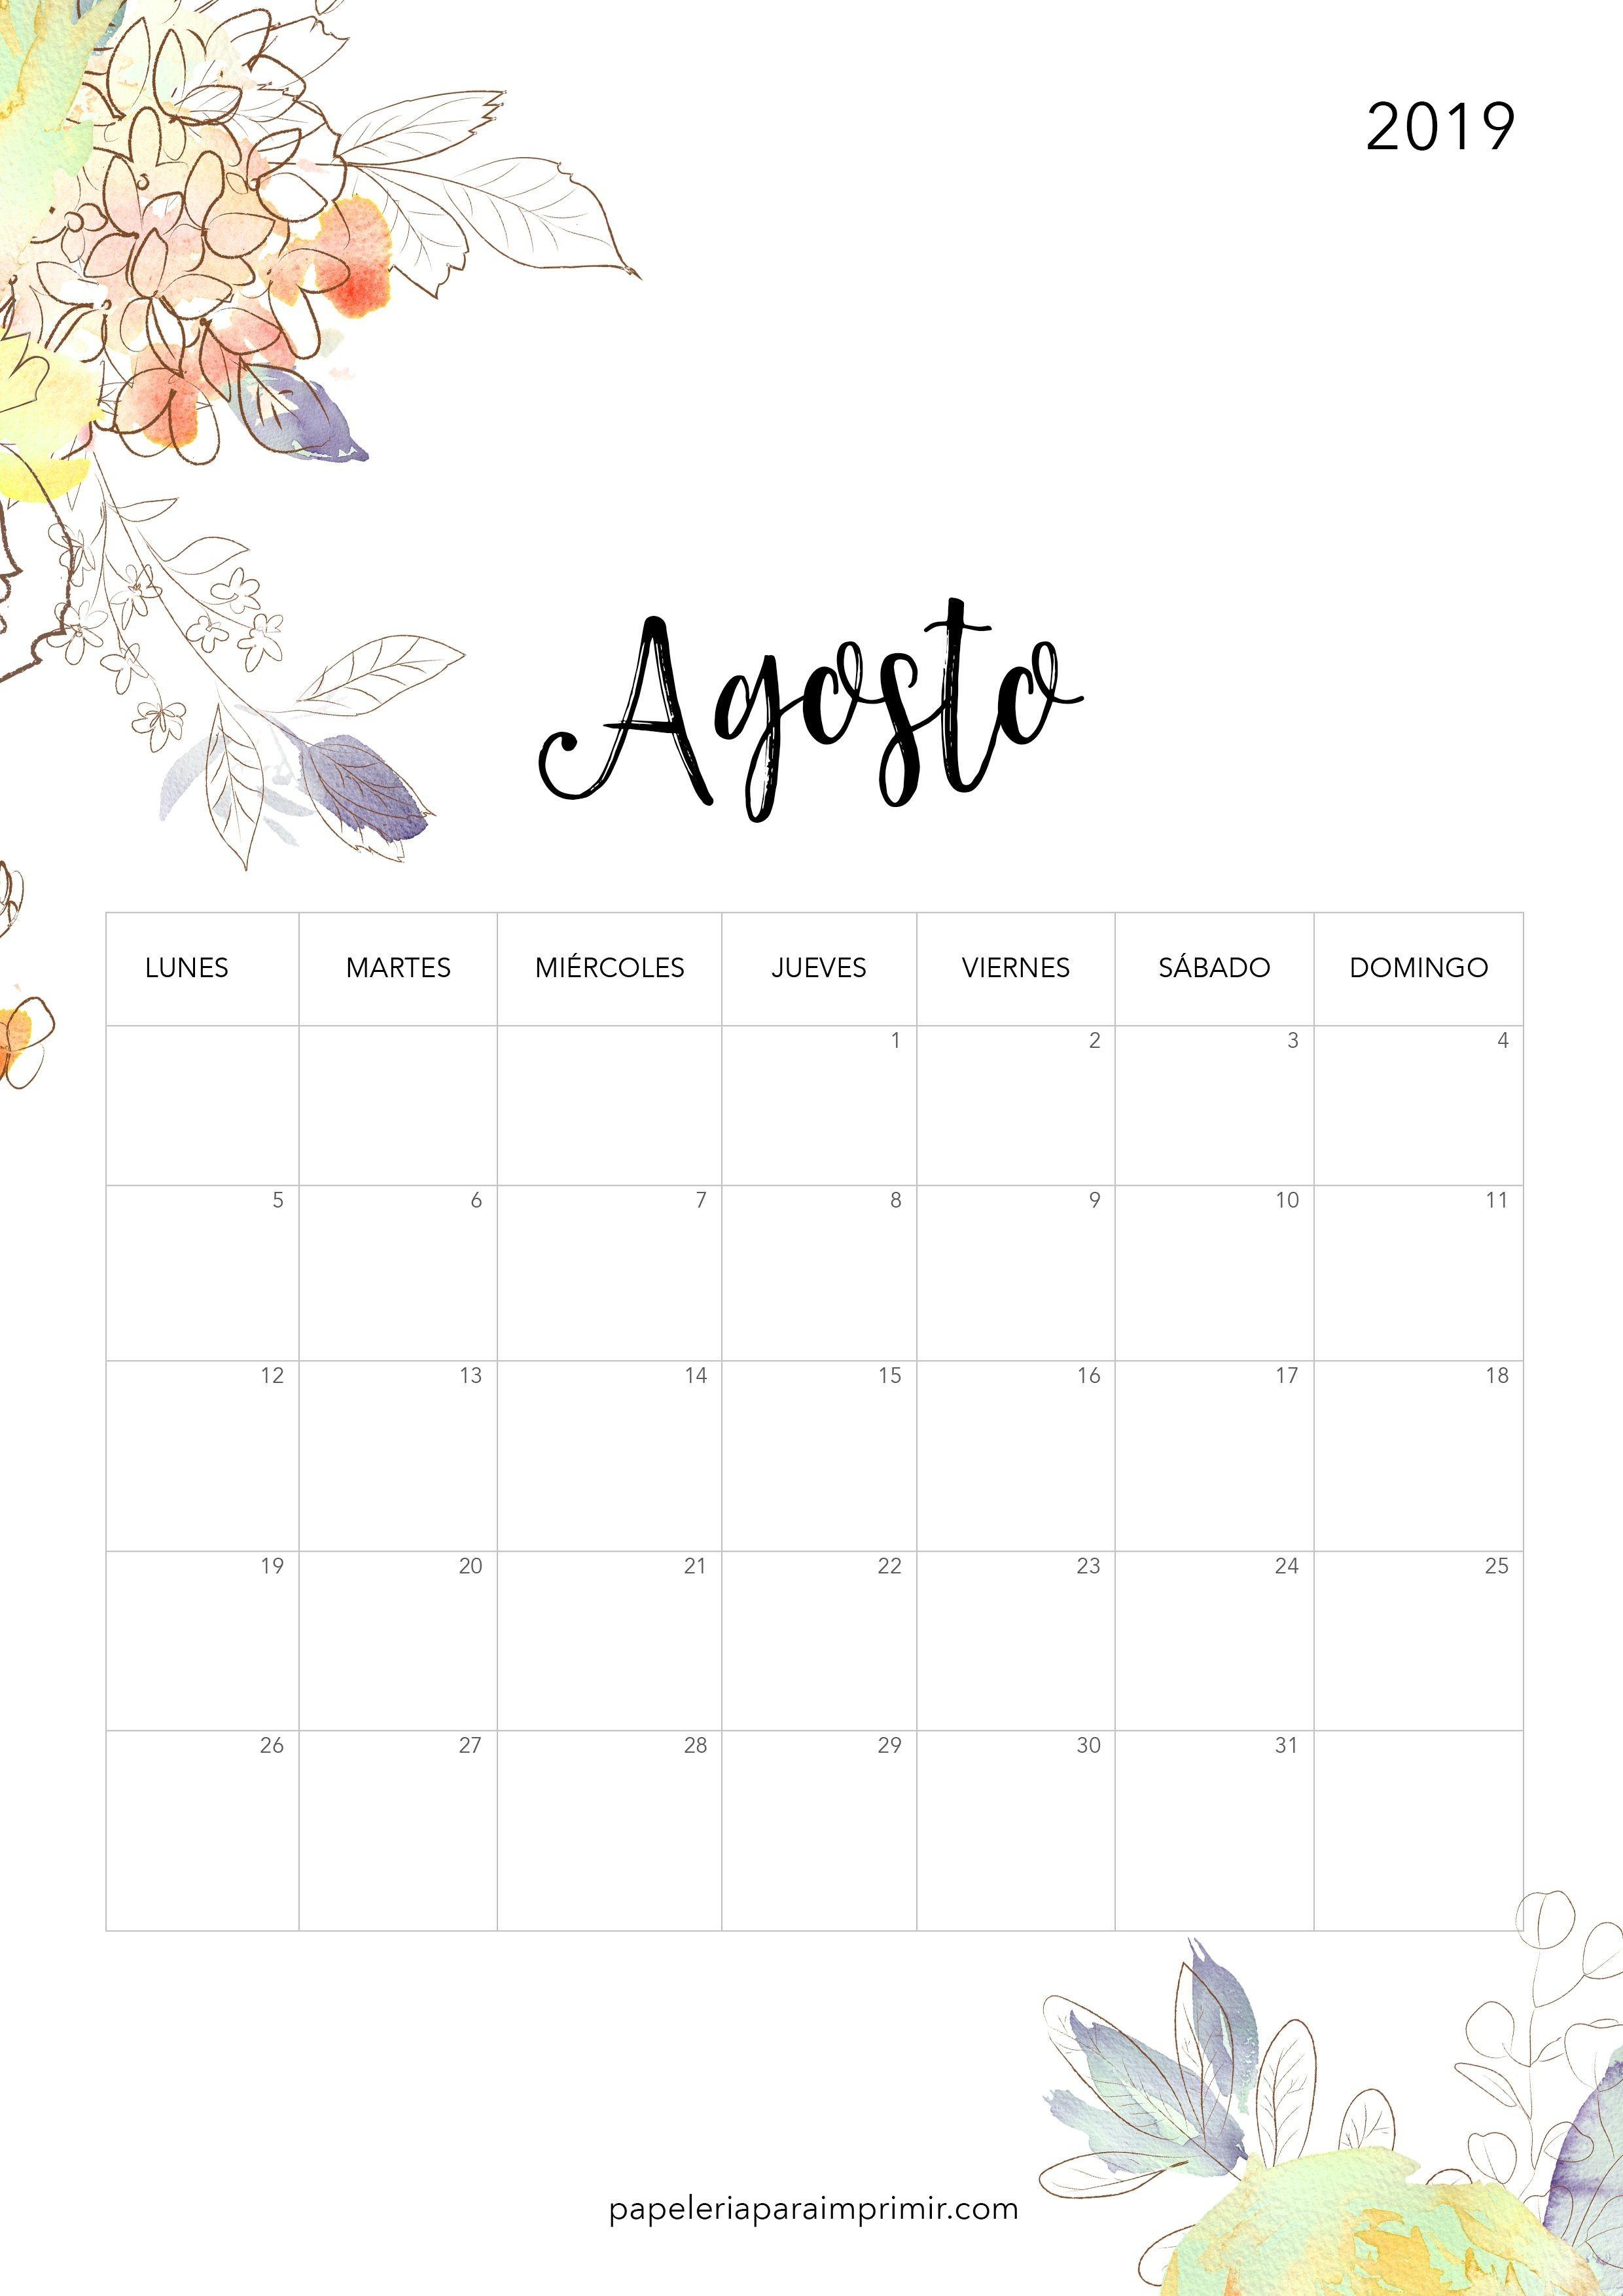 Calendario Para Imprimir 2019 Con Feriados Argentina Más Arriba-a-fecha Este Es Realmente Imprimir Calendario Septiembre Octubre 2019 Of Calendario Para Imprimir 2019 Con Feriados Argentina Más Actual Inspeccionar Calendario Mes Diciembre 2019 Para Imprimir